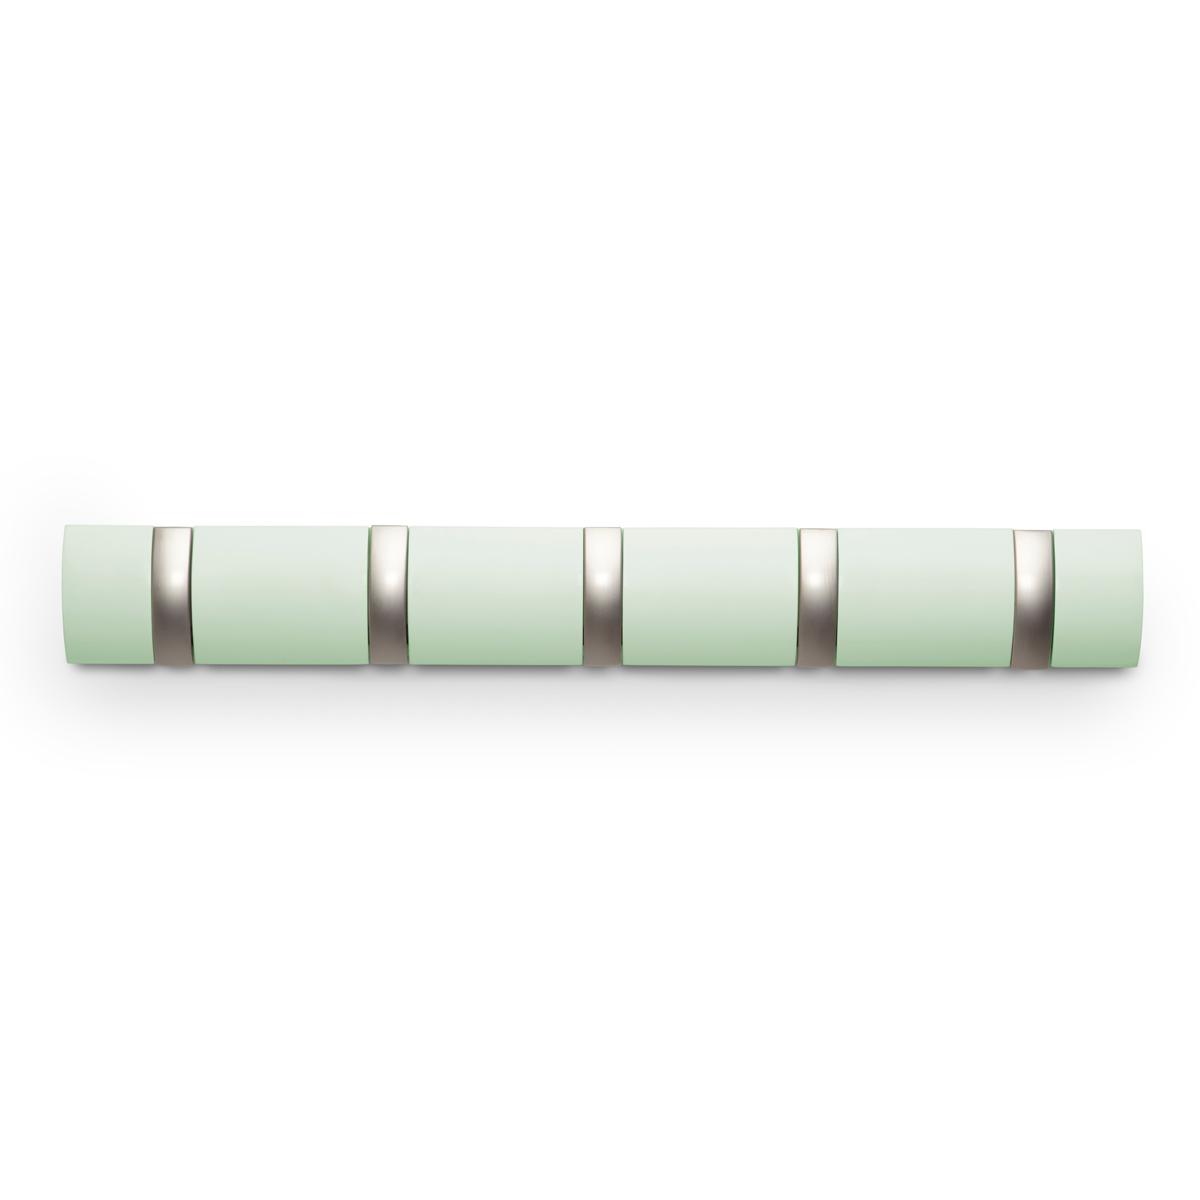 Вешалка Umbra Flip, настенная, цвет: зеленый, 5 крючков318850-730Стильная и прочная вешалка интересной формы. Имеет 5 откидных алюминиевых крючков. Когда они не используются, то складываются внутрь, превращая конструкцию в абсолютно гладкую поверхность. Идеально для маленьких прихожих и ограниченных пространств. Каждый крючок выдерживает вес до 2,3 кг.